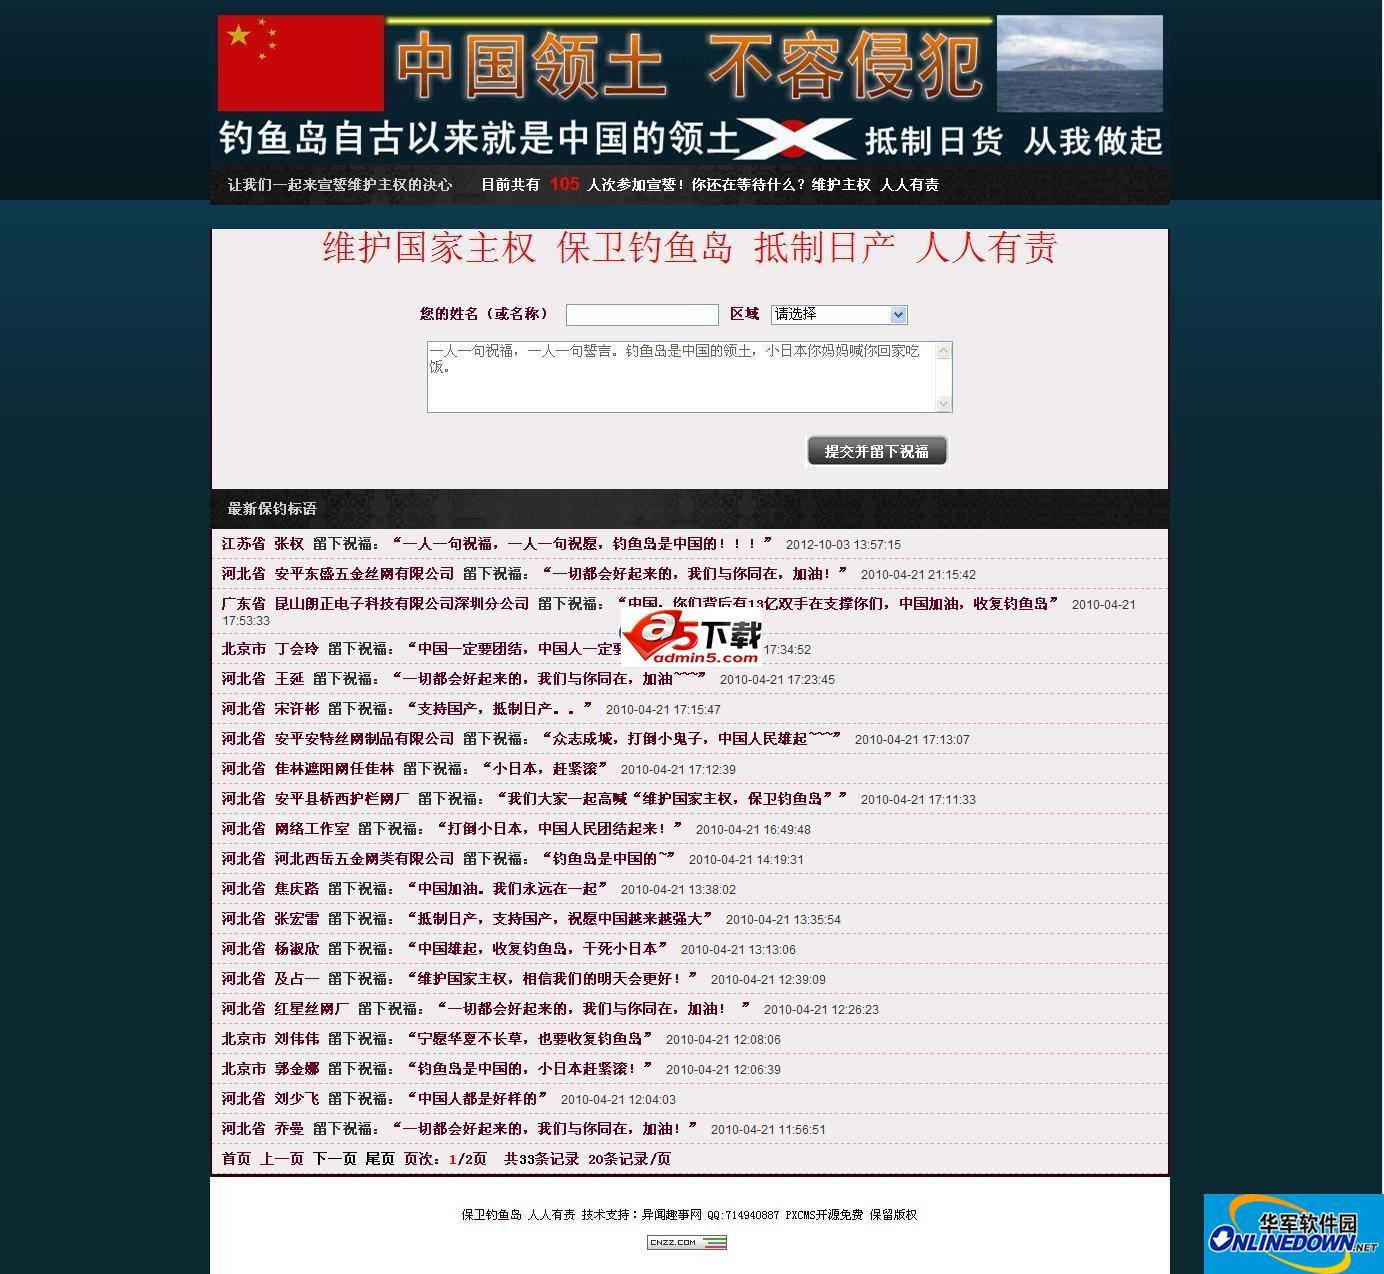 钓鱼岛宣誓祝福网站 PC版